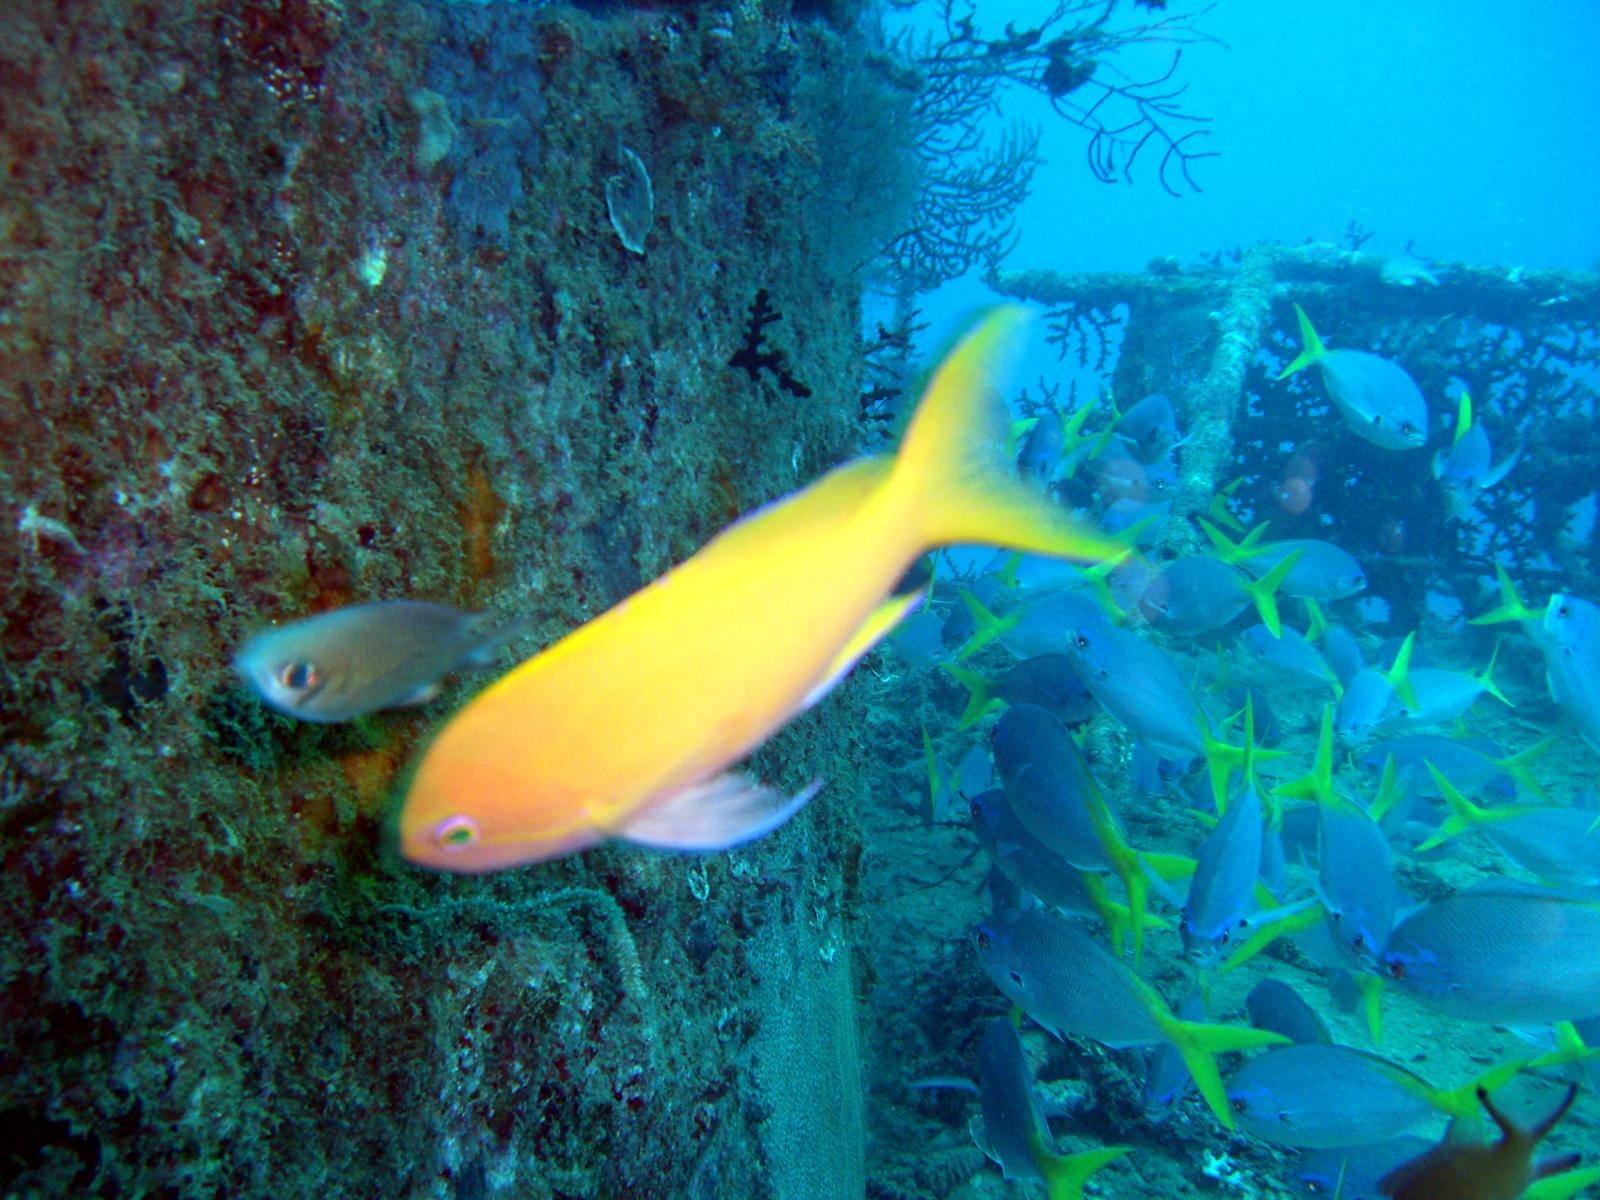 奄美大島のダイビングを完全ガイド!おすすめのスポットやベストシーズンを紹介